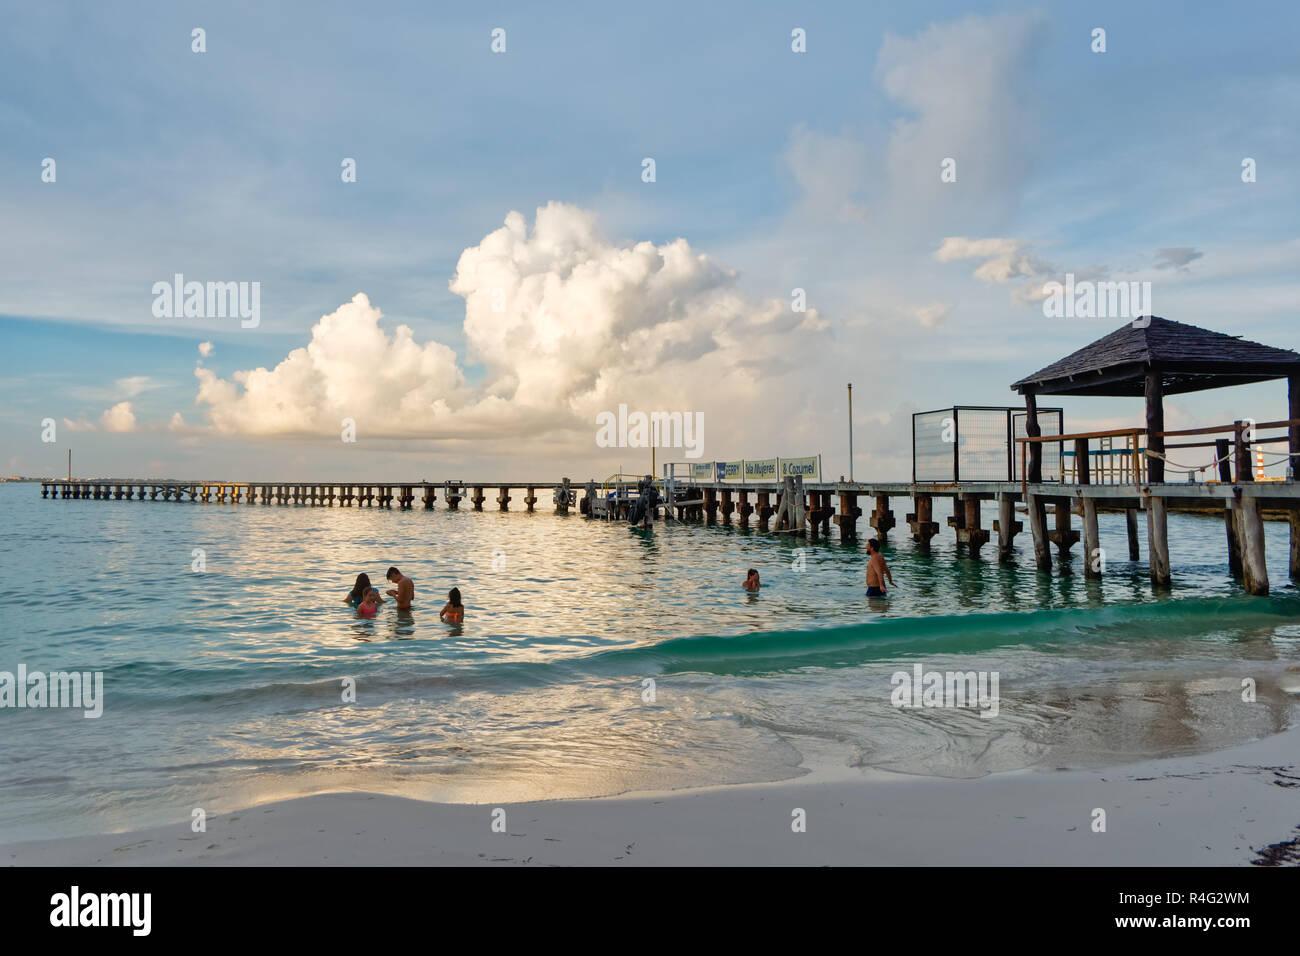 Playa Tropical, bañistas y muelle de madera,Playa Caracol, el Boulevard Kukulcan, Zona Hotelera, Cancún, México, en septiembre 8, 2018 Imagen De Stock